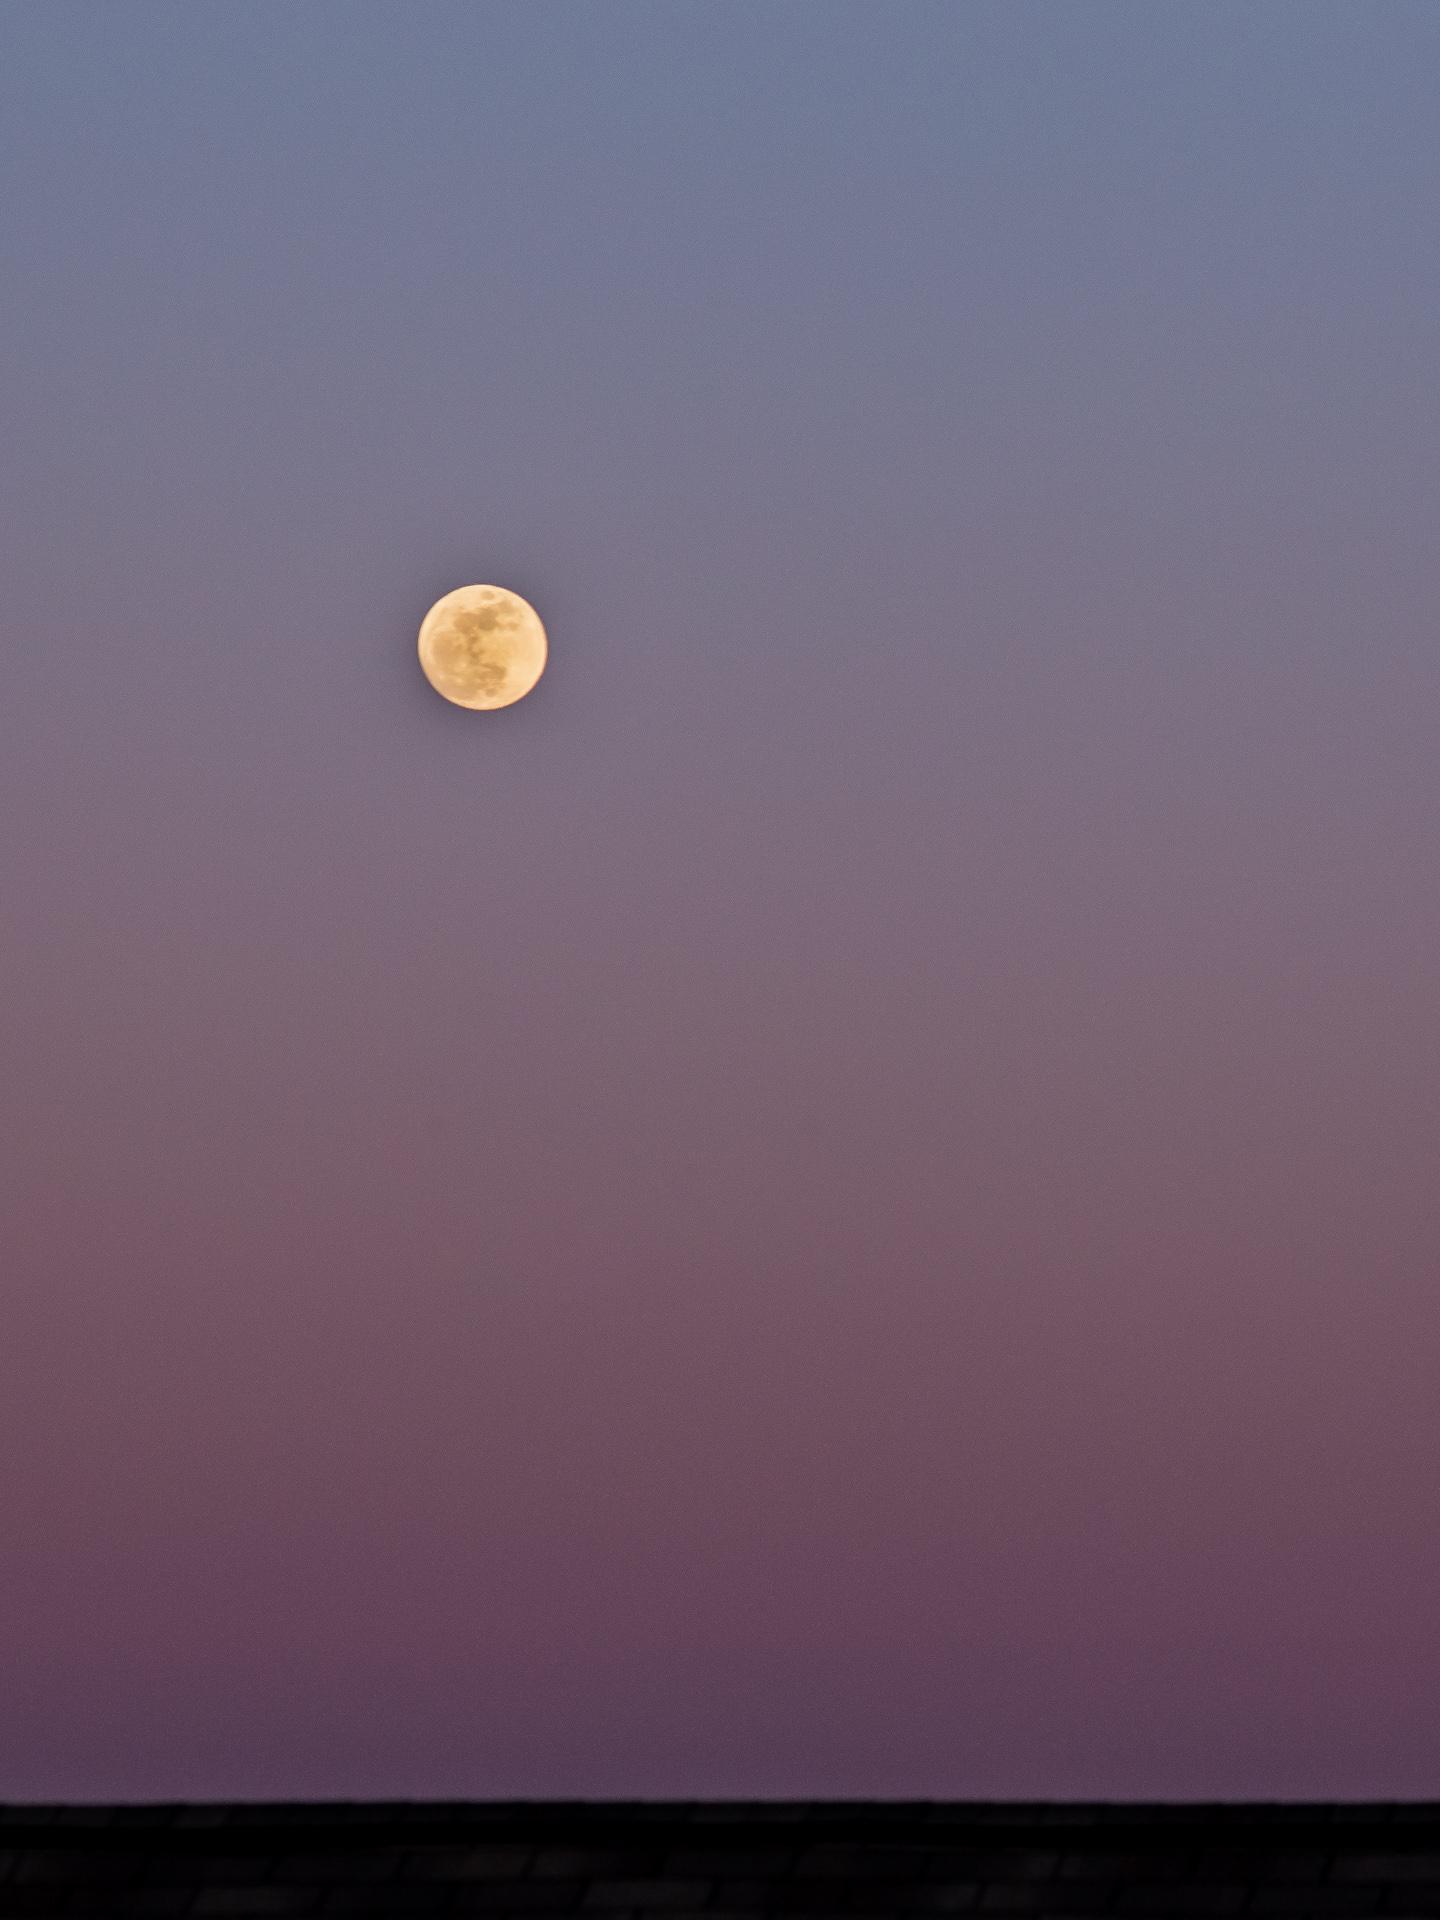 Nearly Full Moon* | 20180130 1806 E:38.96x77.00@84m